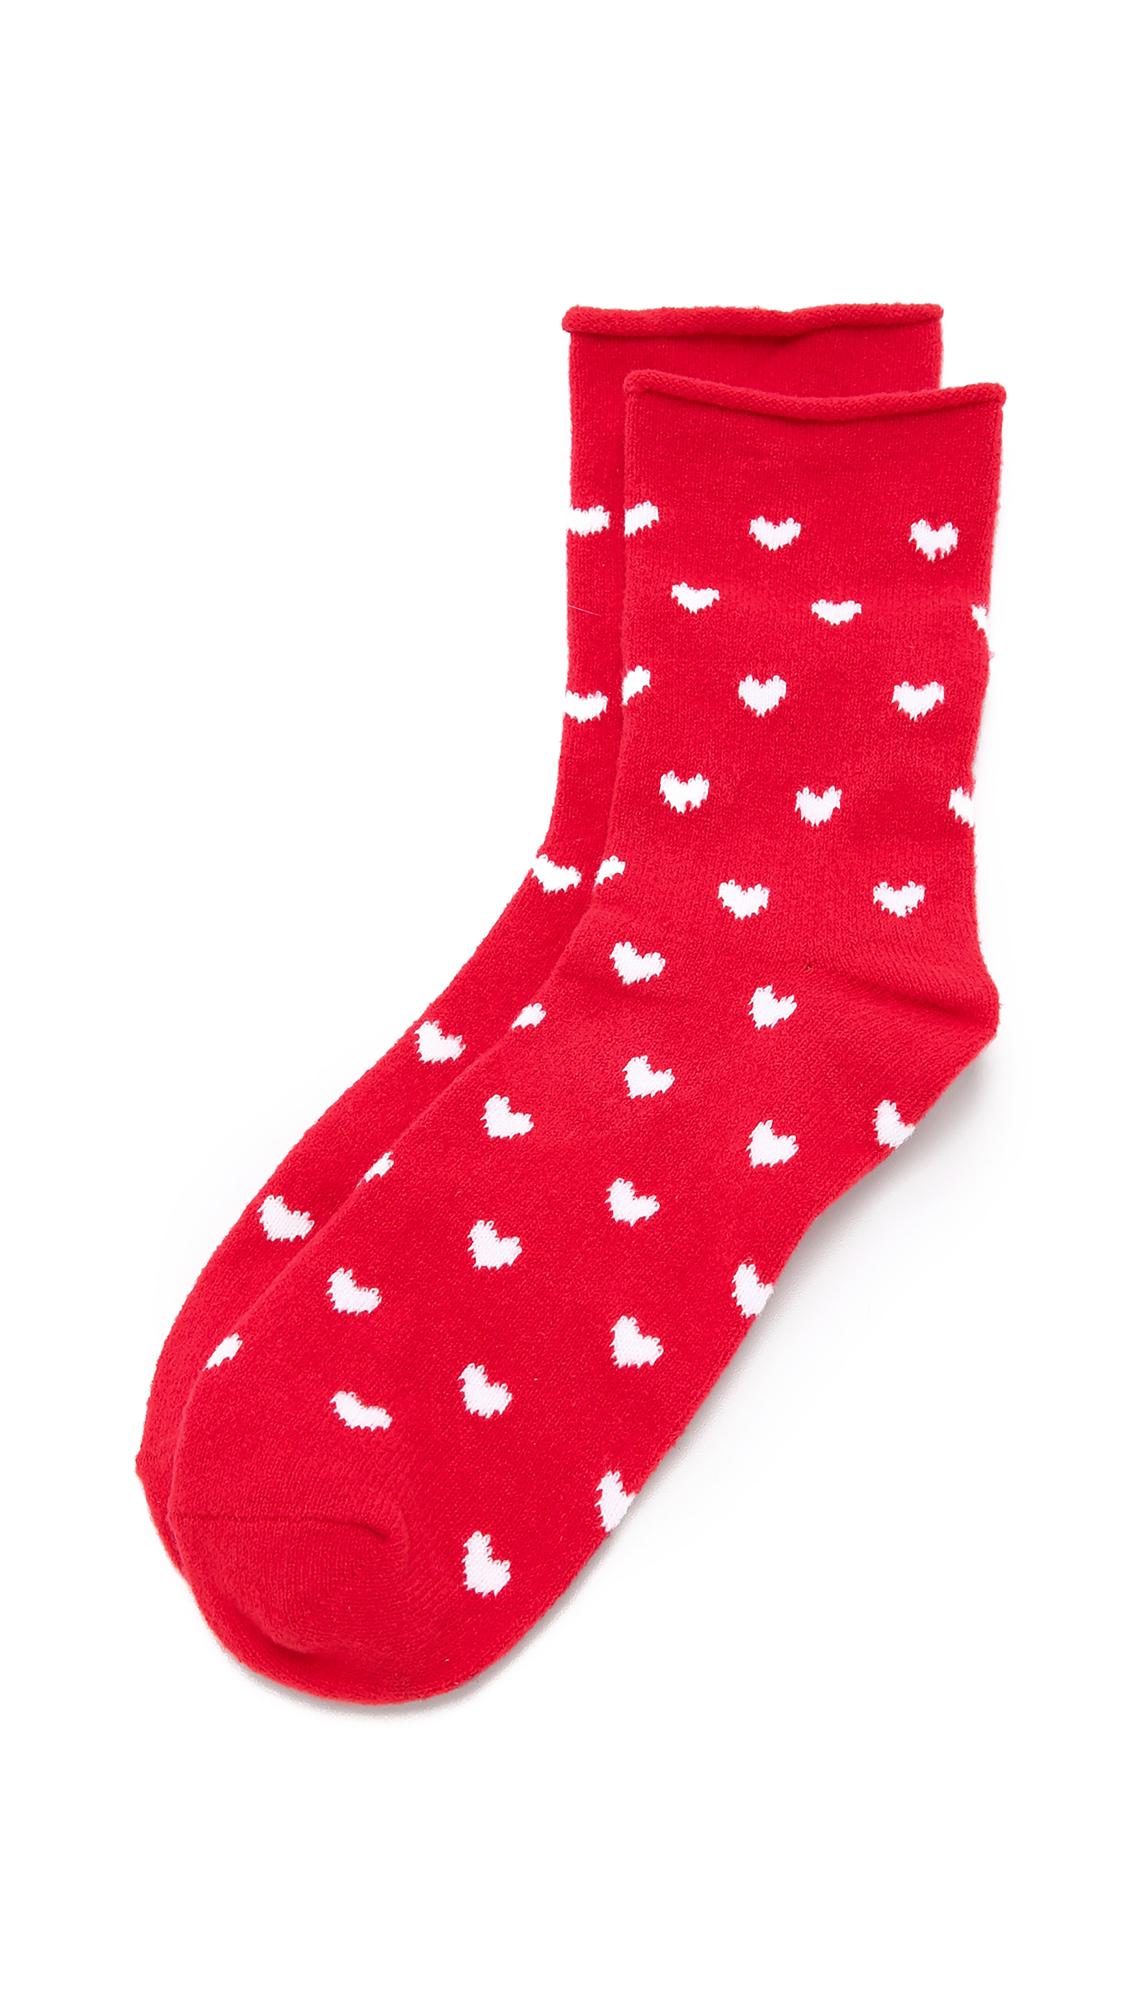 PLUSH Heart Rolled Fleece Socks in Red